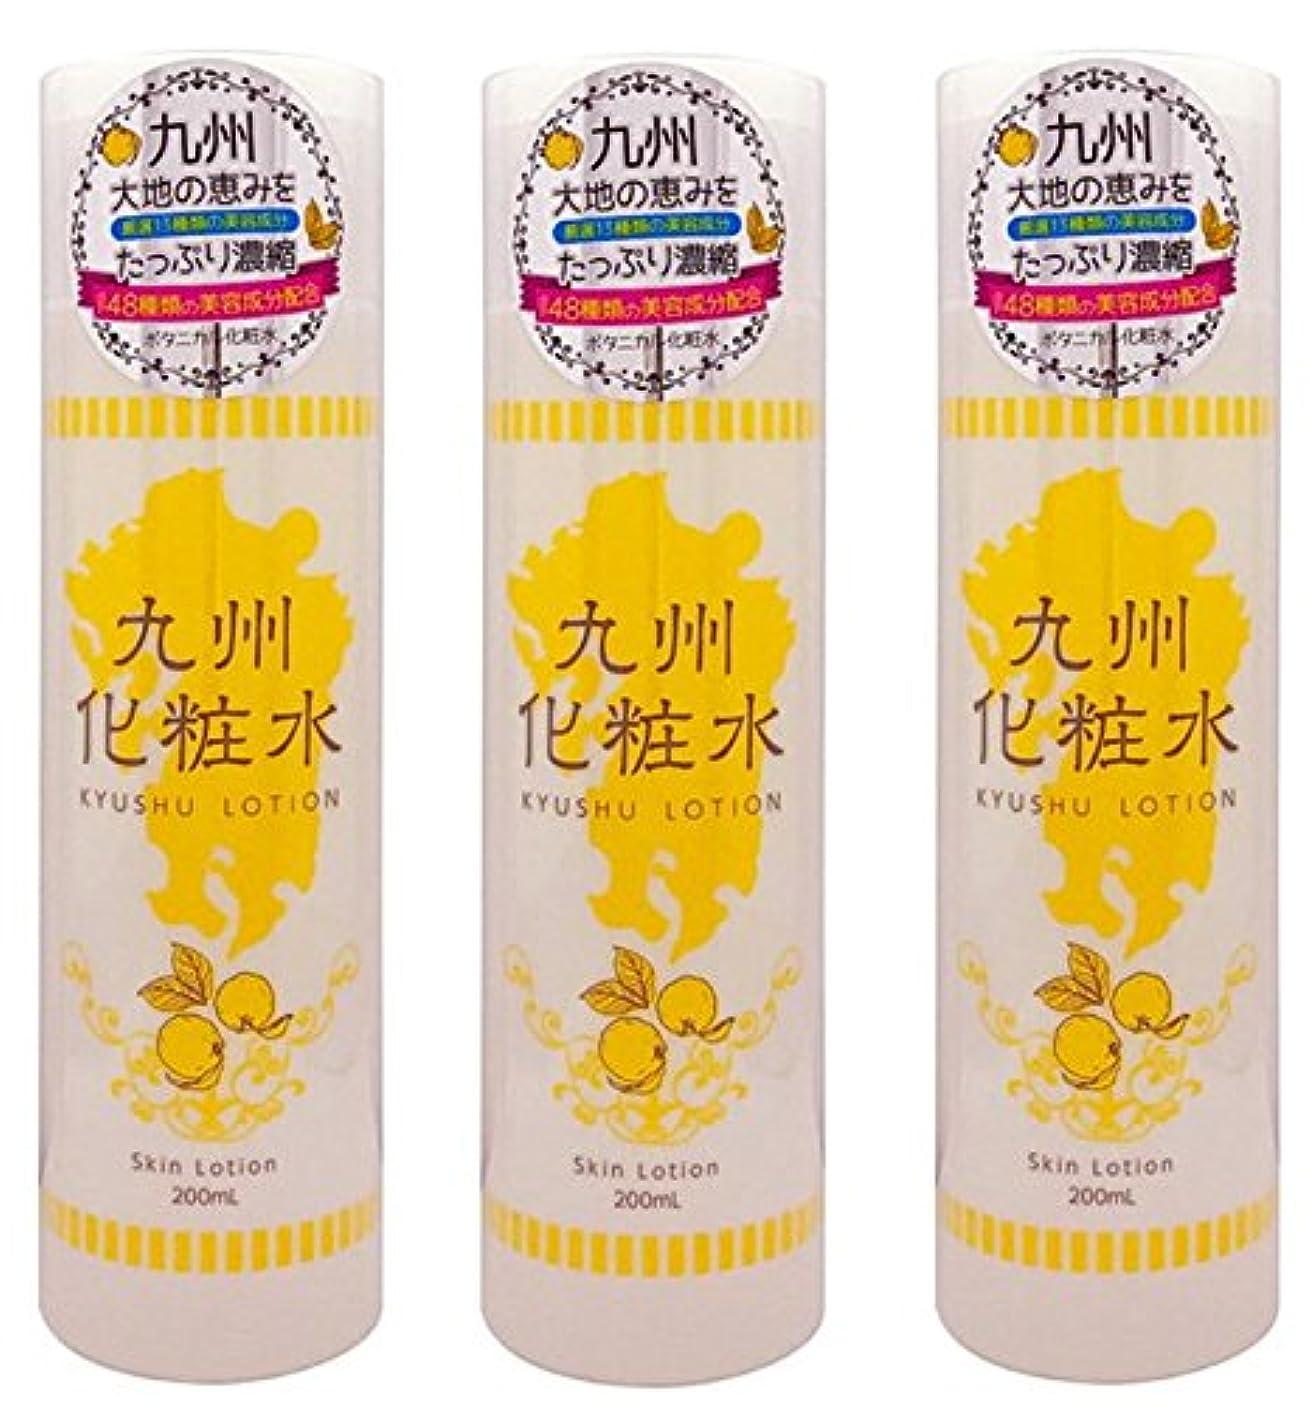 テレビを見る杭トラクター九州化粧水 200ml (ボタニカル化粧水) X 3本セット